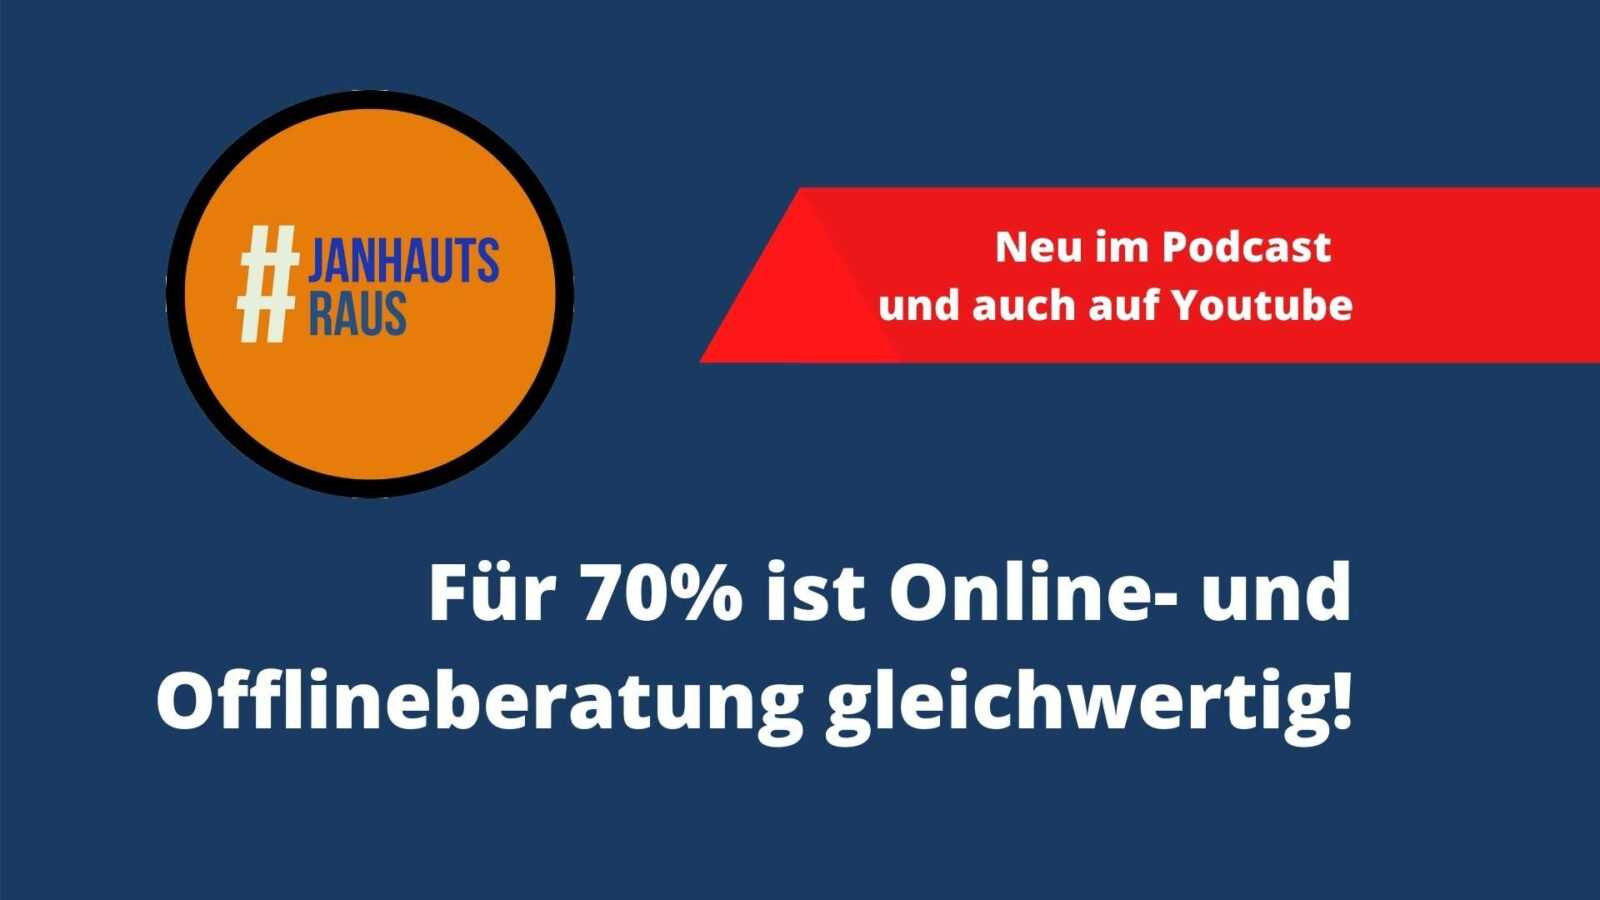 Für 70% ist Online- und Offlineberatung gleichwertig